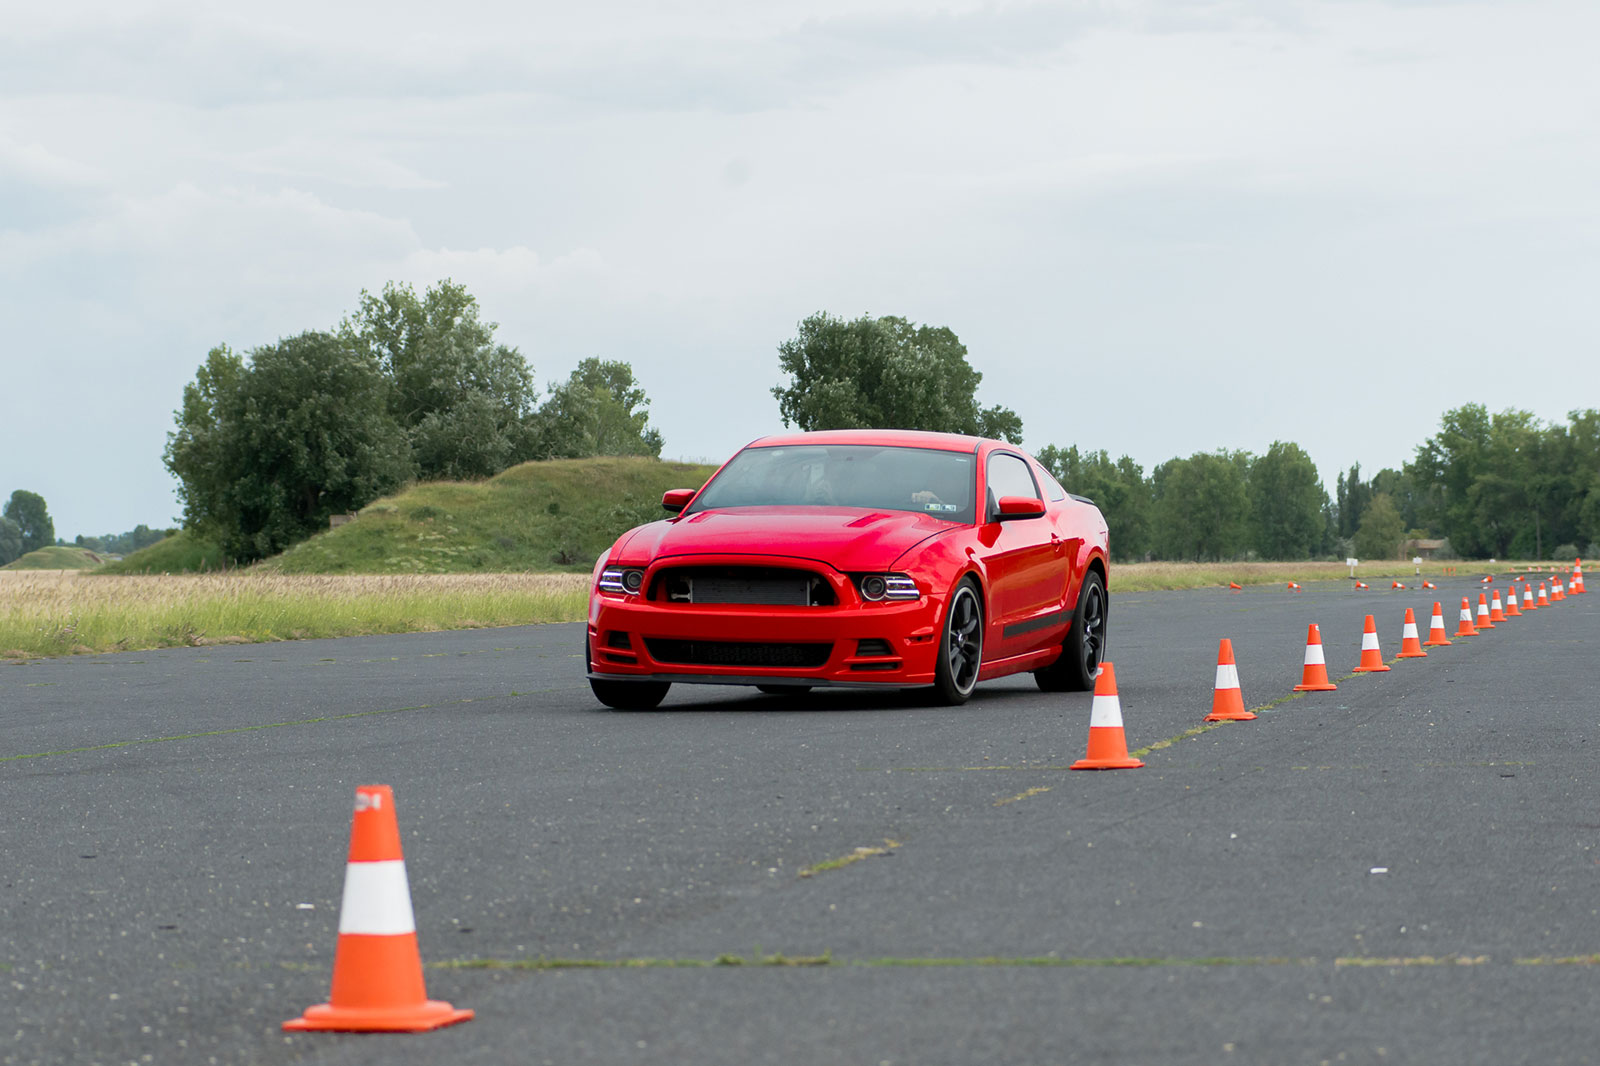 Vezetéstechnikai tréning és élményvezetés Ford Mustang BOSS-szal DRX ringen